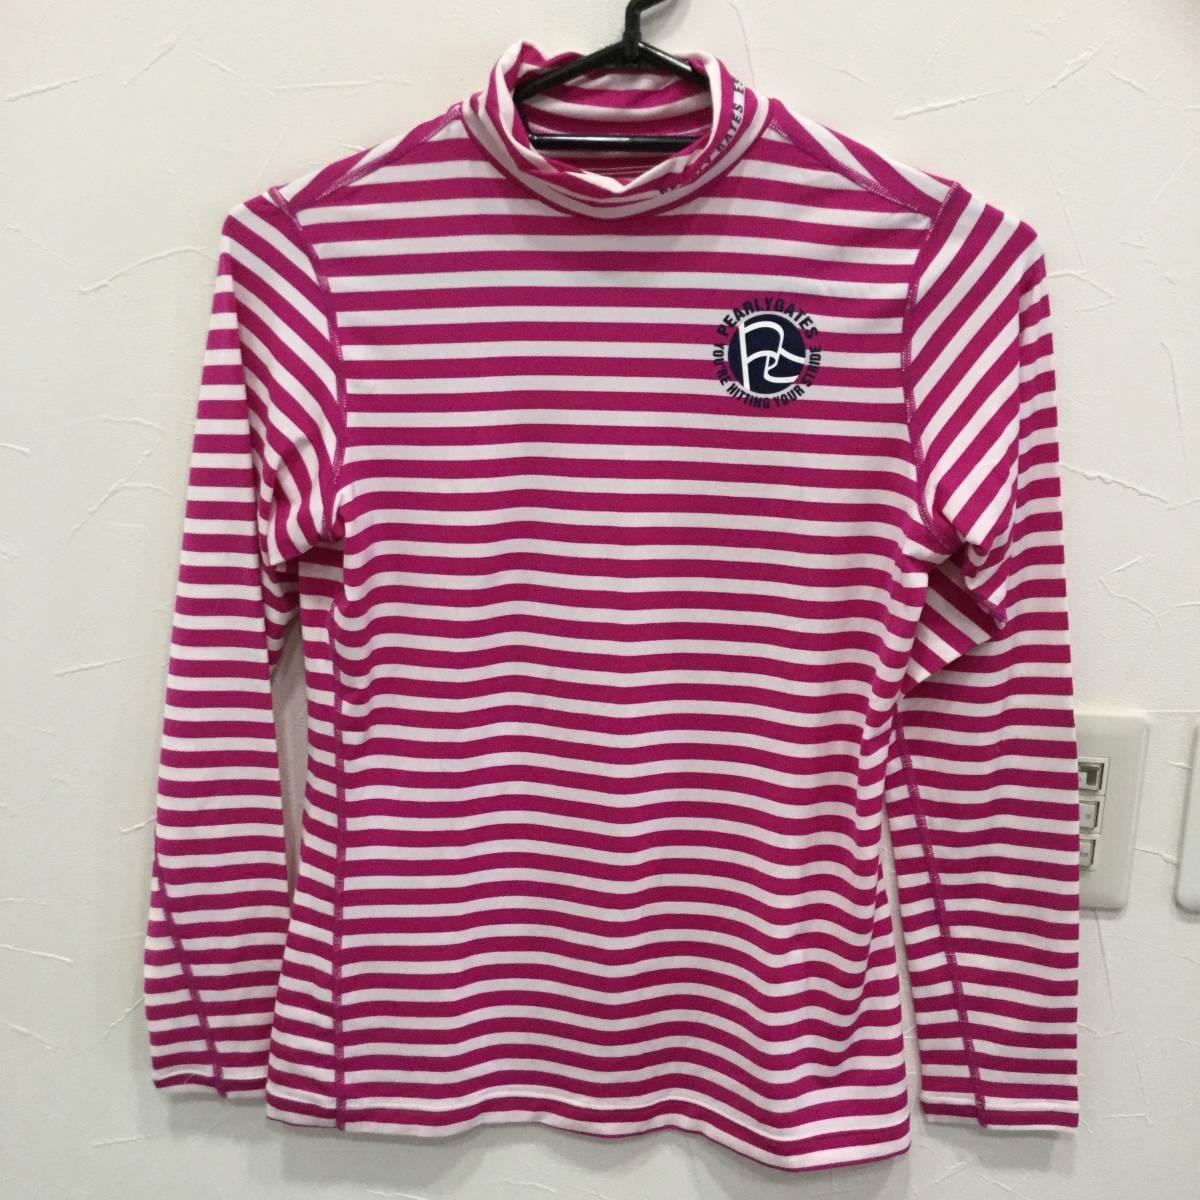 PEARLY GATES パーリーゲイツ ハイネックインナーシャツ サイズ2 *白×ピンク* ロゴ インナーシャツ レディース ゴルフウェア 長袖